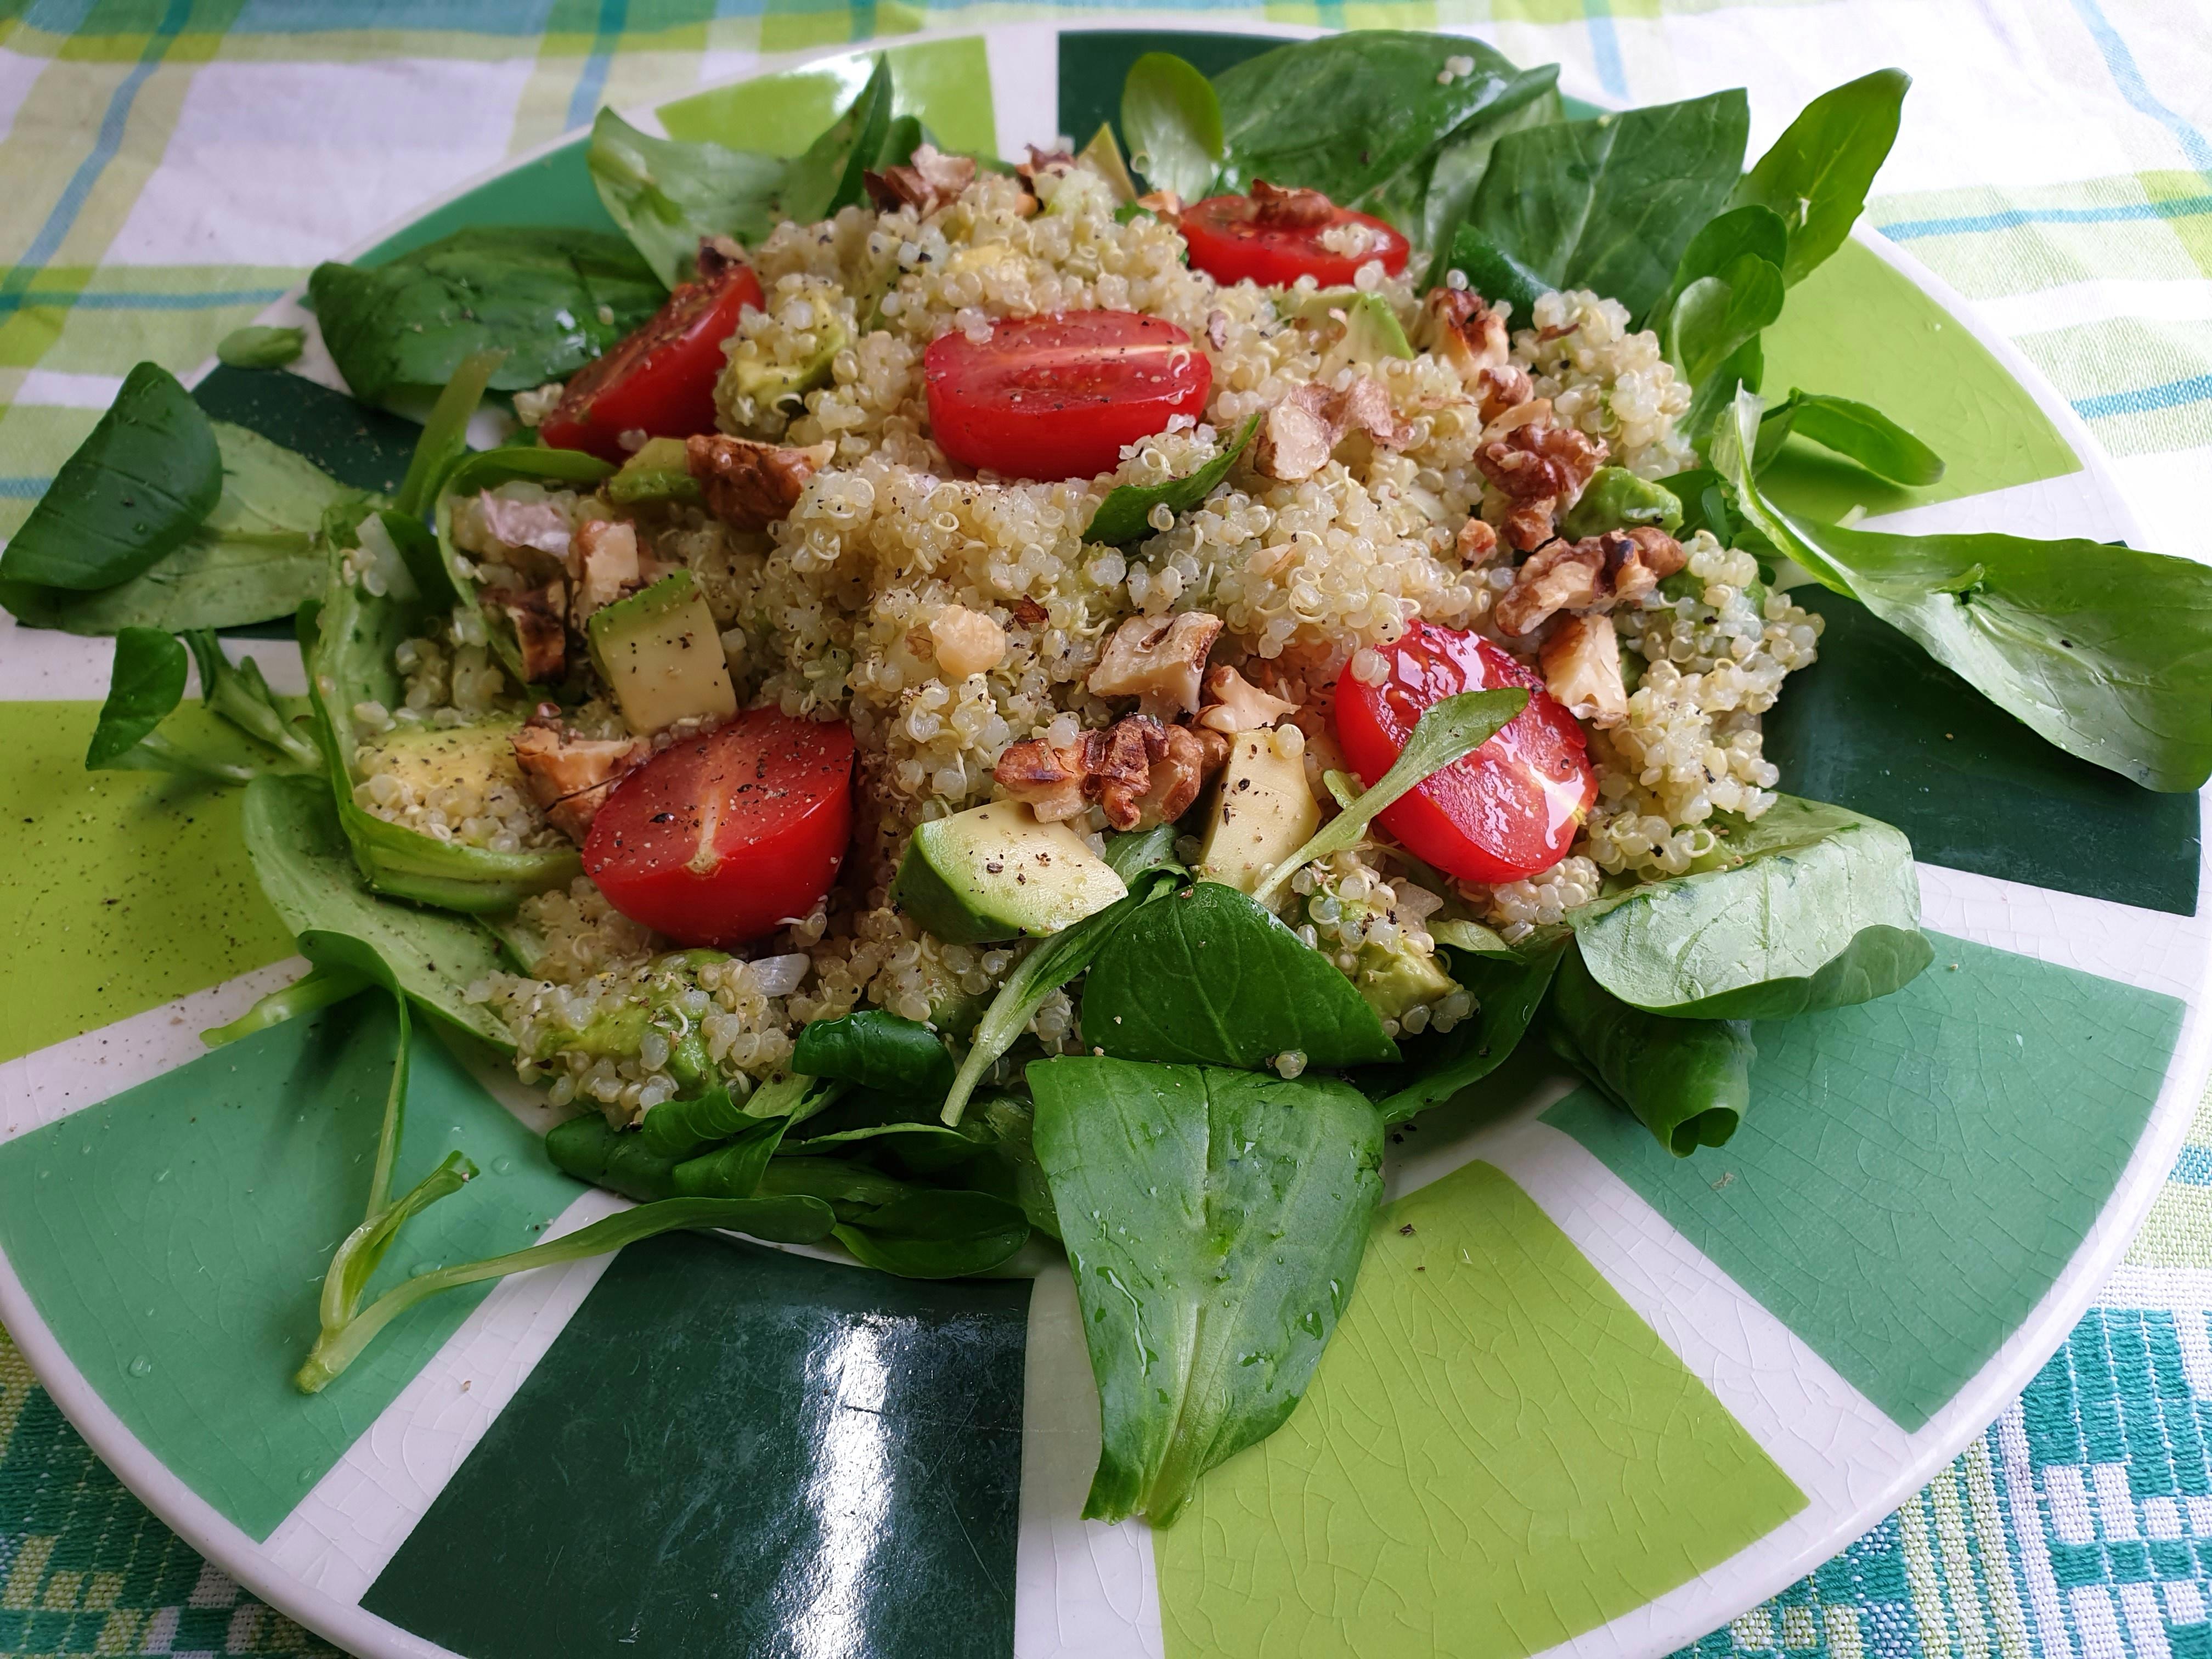 Uitgelichte foto voor het bericht Blaadjes-salade met avocado en quinoa